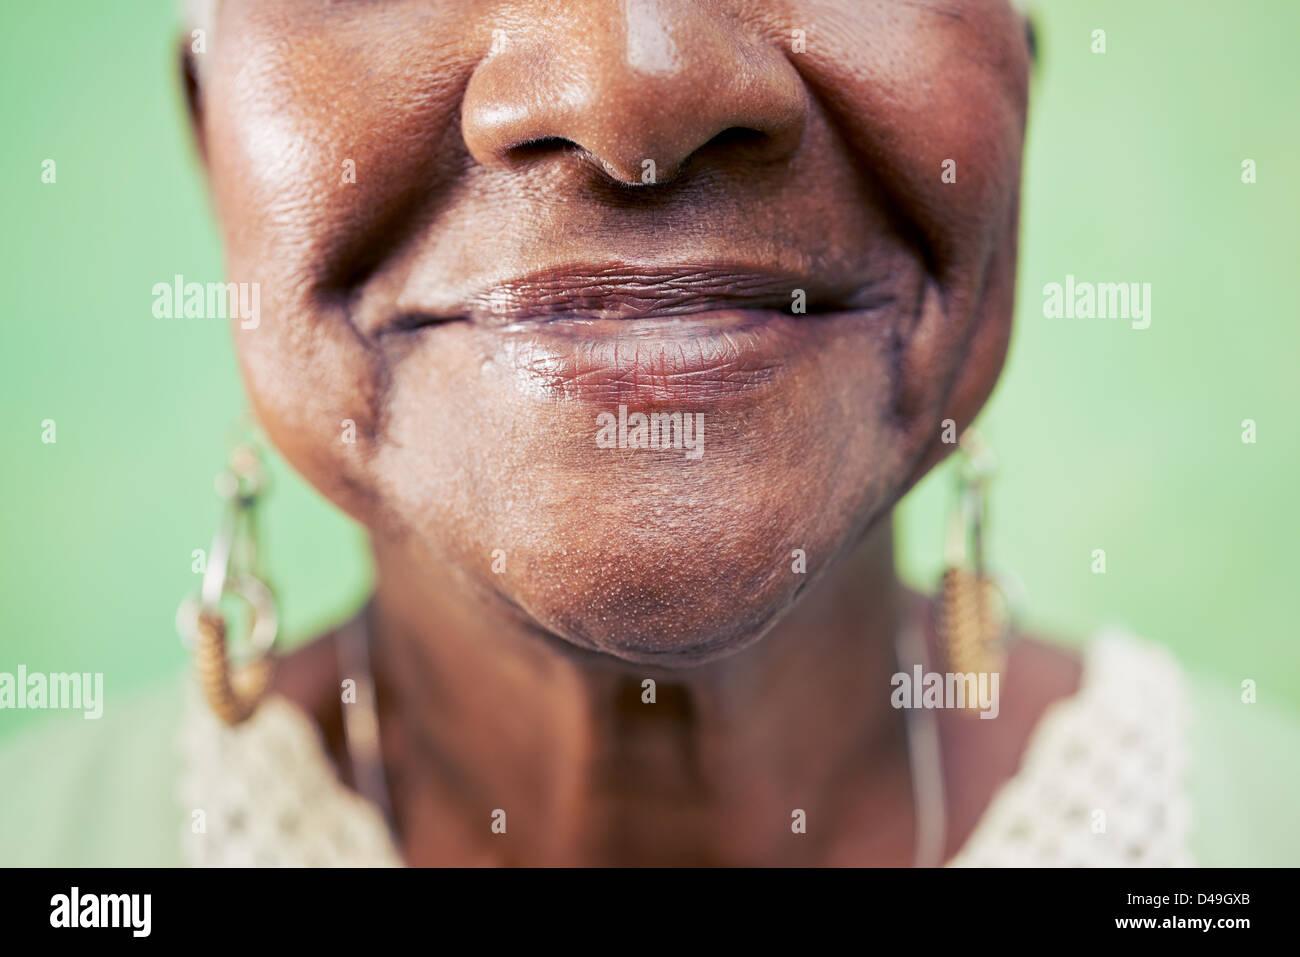 Vecchia donna nero ritratto, close-up di occhi e faccia su sfondo verde. Spazio di copia Immagini Stock